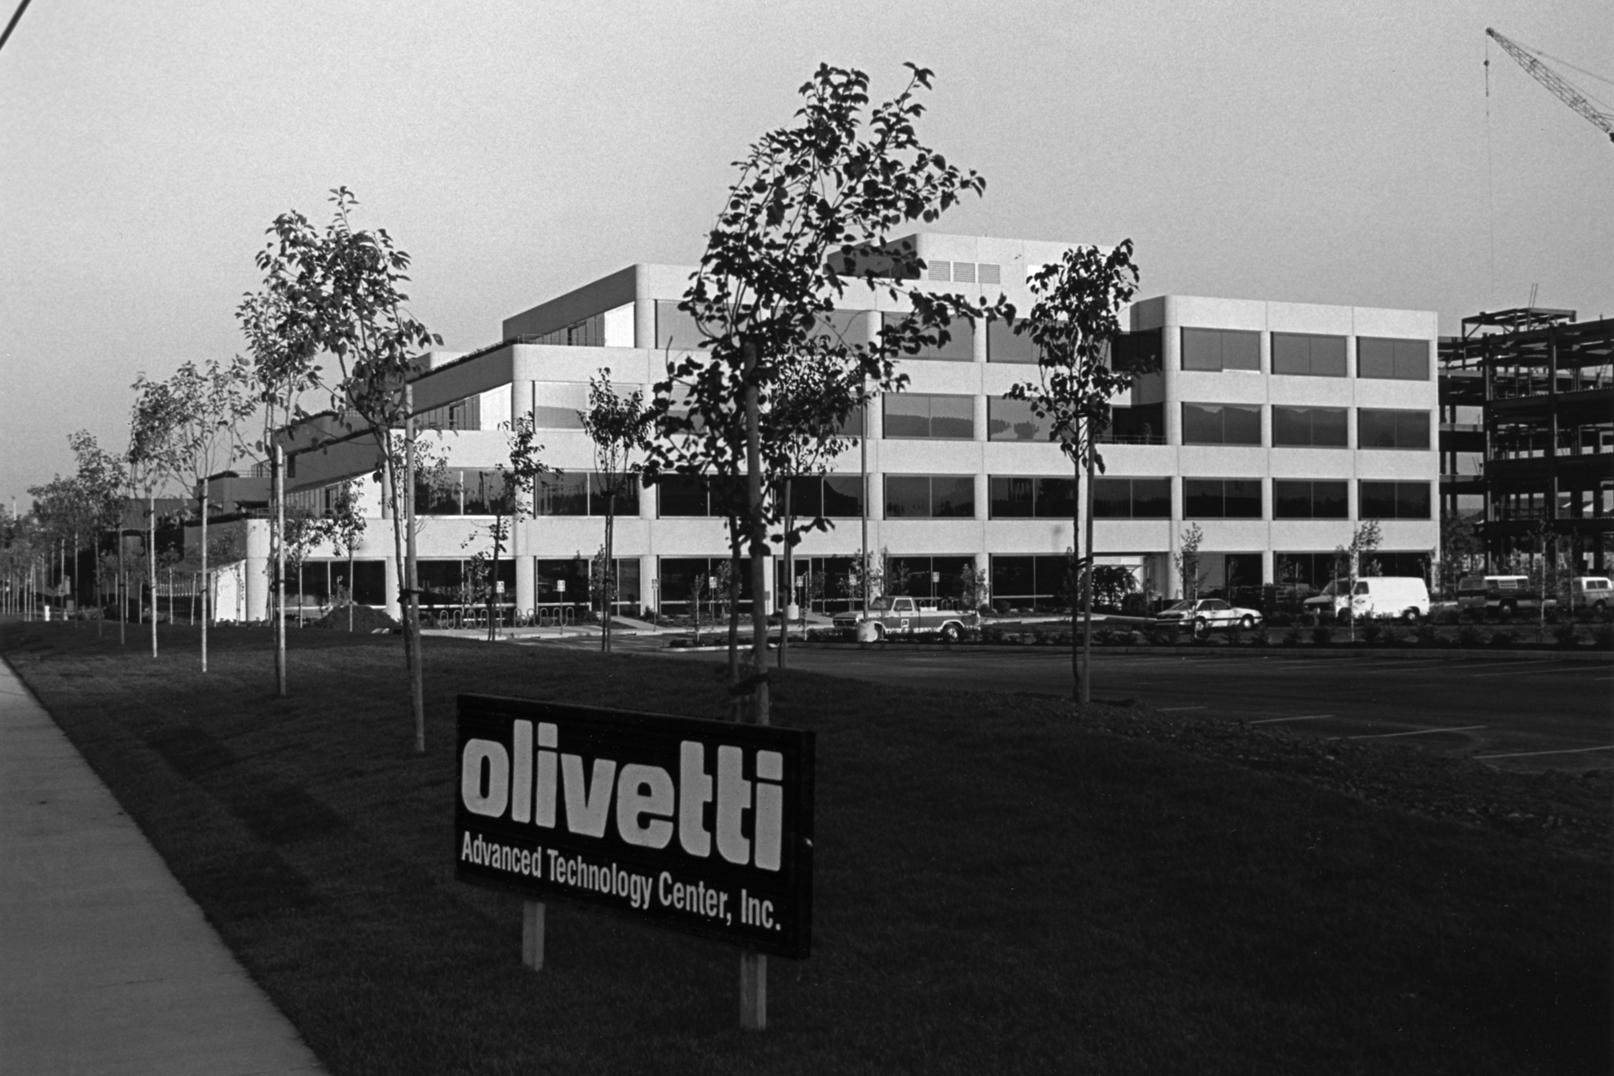 Il Centro di ricerche Olivetti per le tecnologie avanzate a Cupertino California (1982)